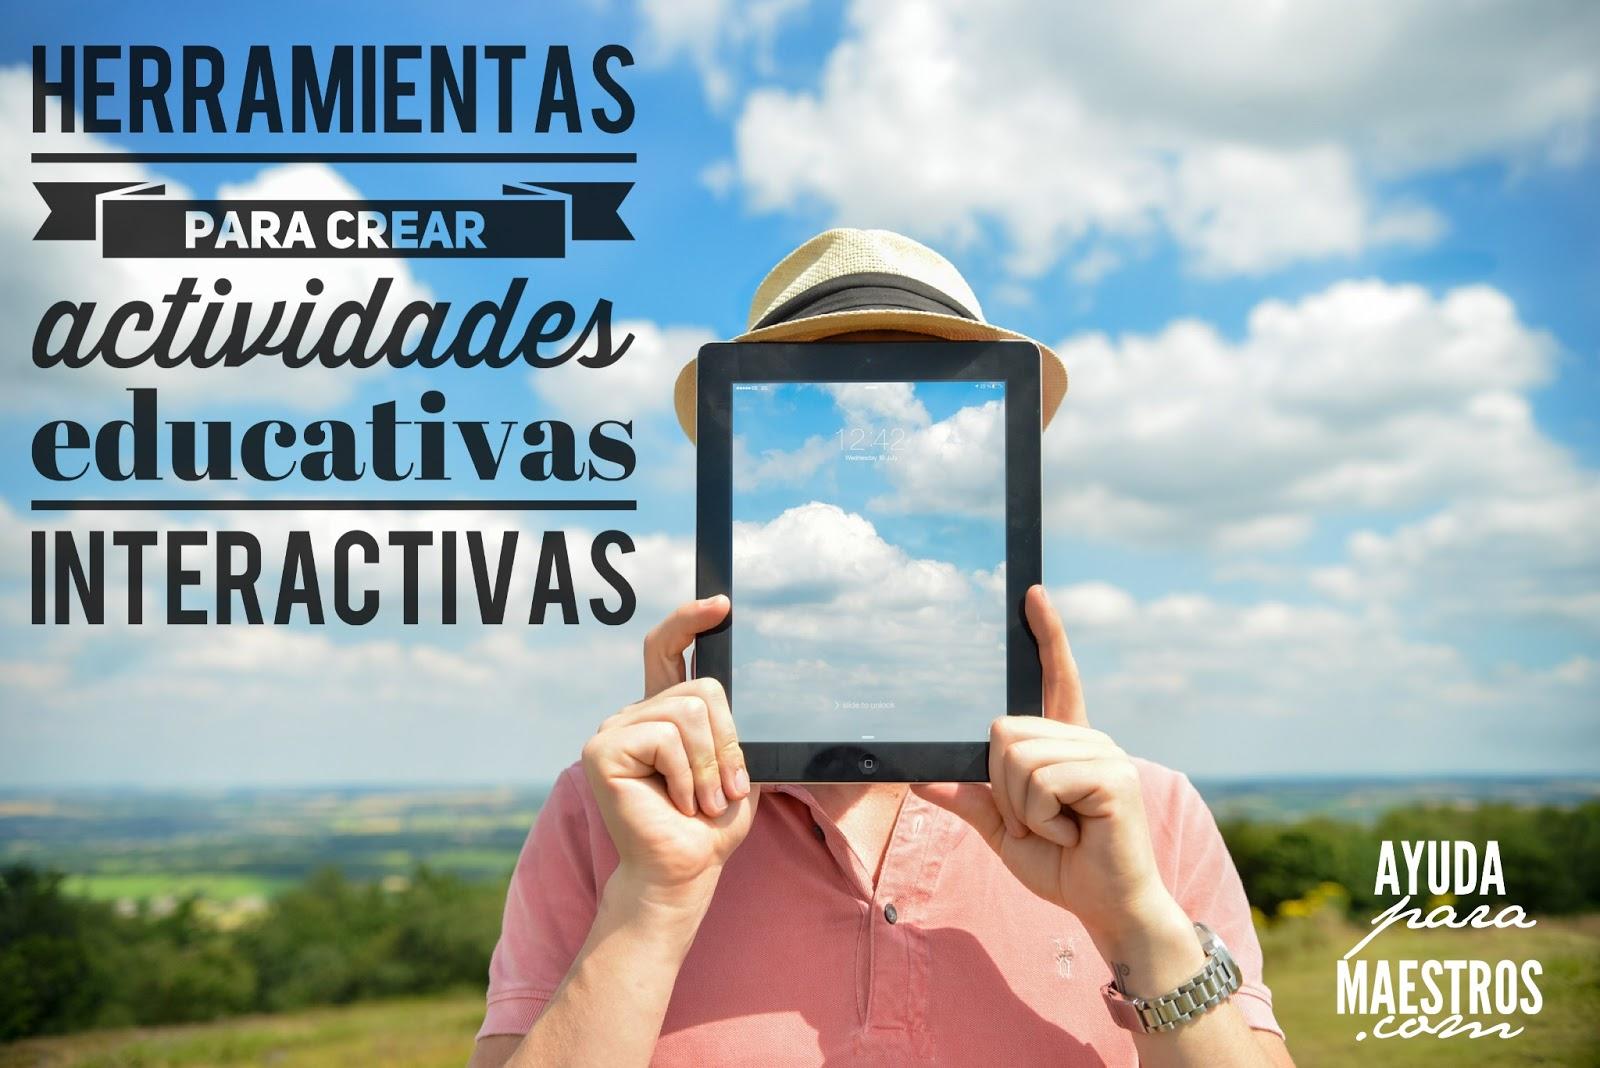 18 herramientas para crear actividades educativas interactivas